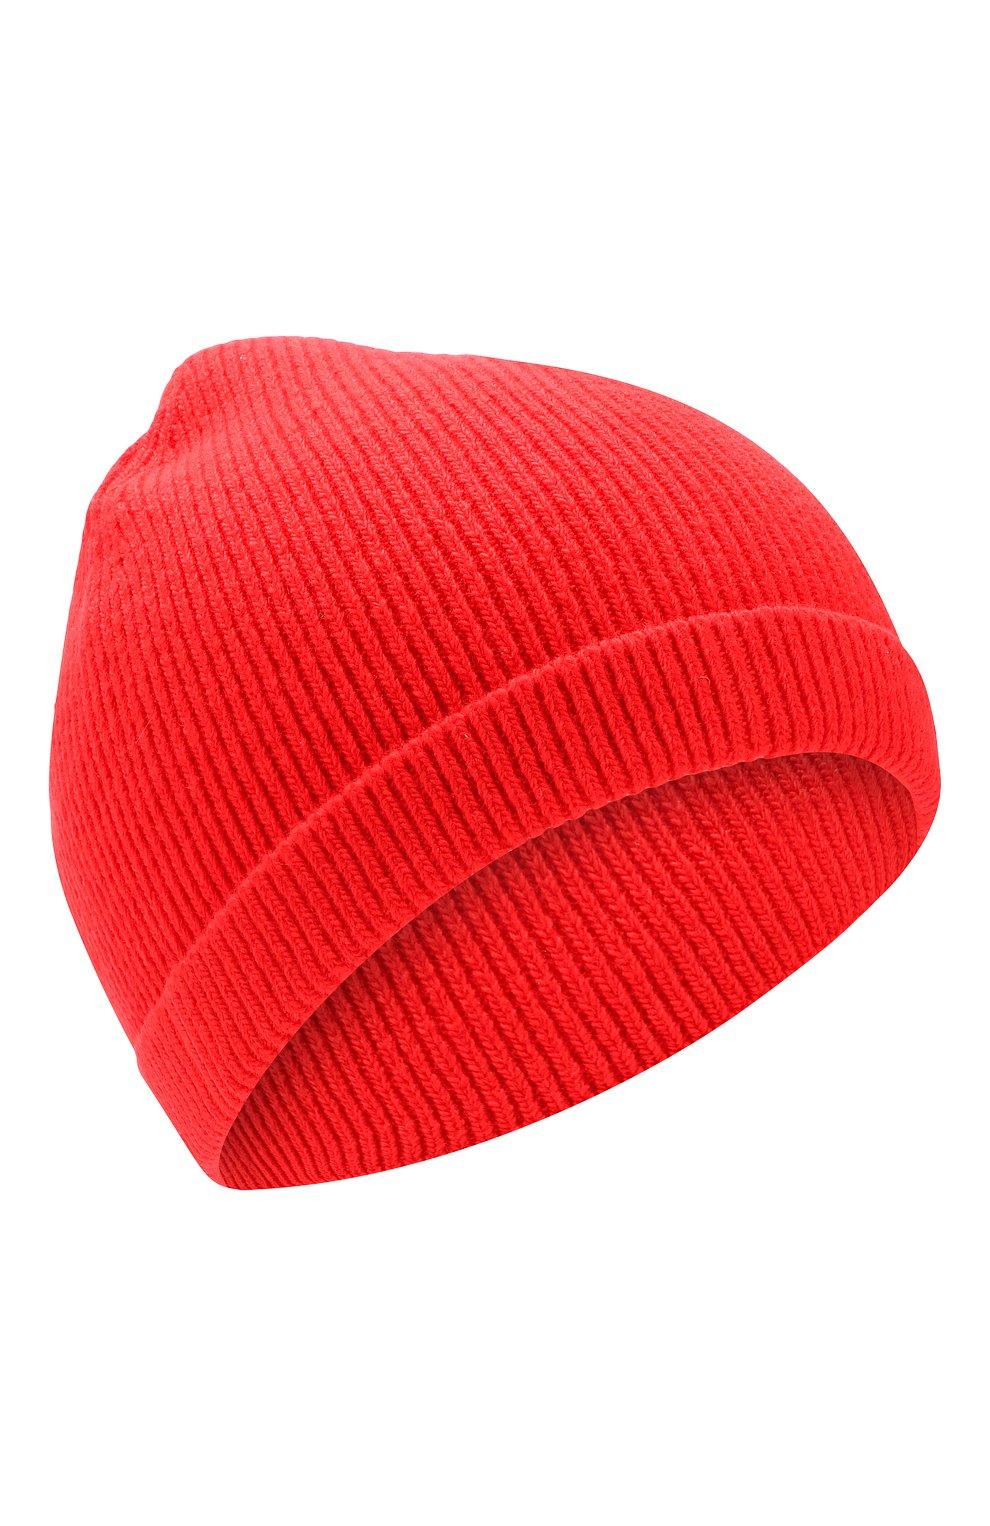 32c1c84cb10d CALVIN KLEIN 205W39NYC Шерстяная шапка бини